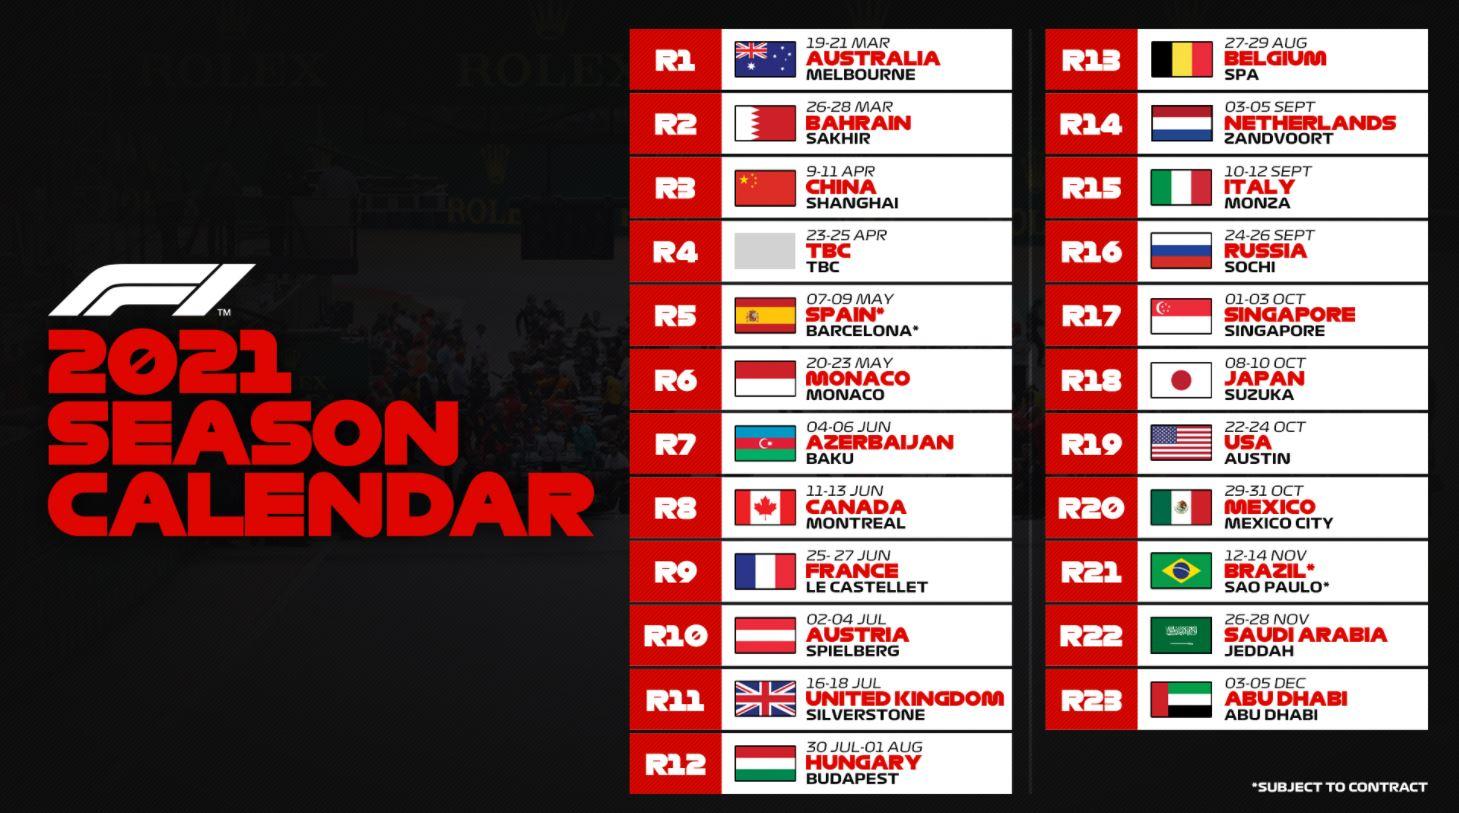 Calendario F1 2021 • MomentoGP